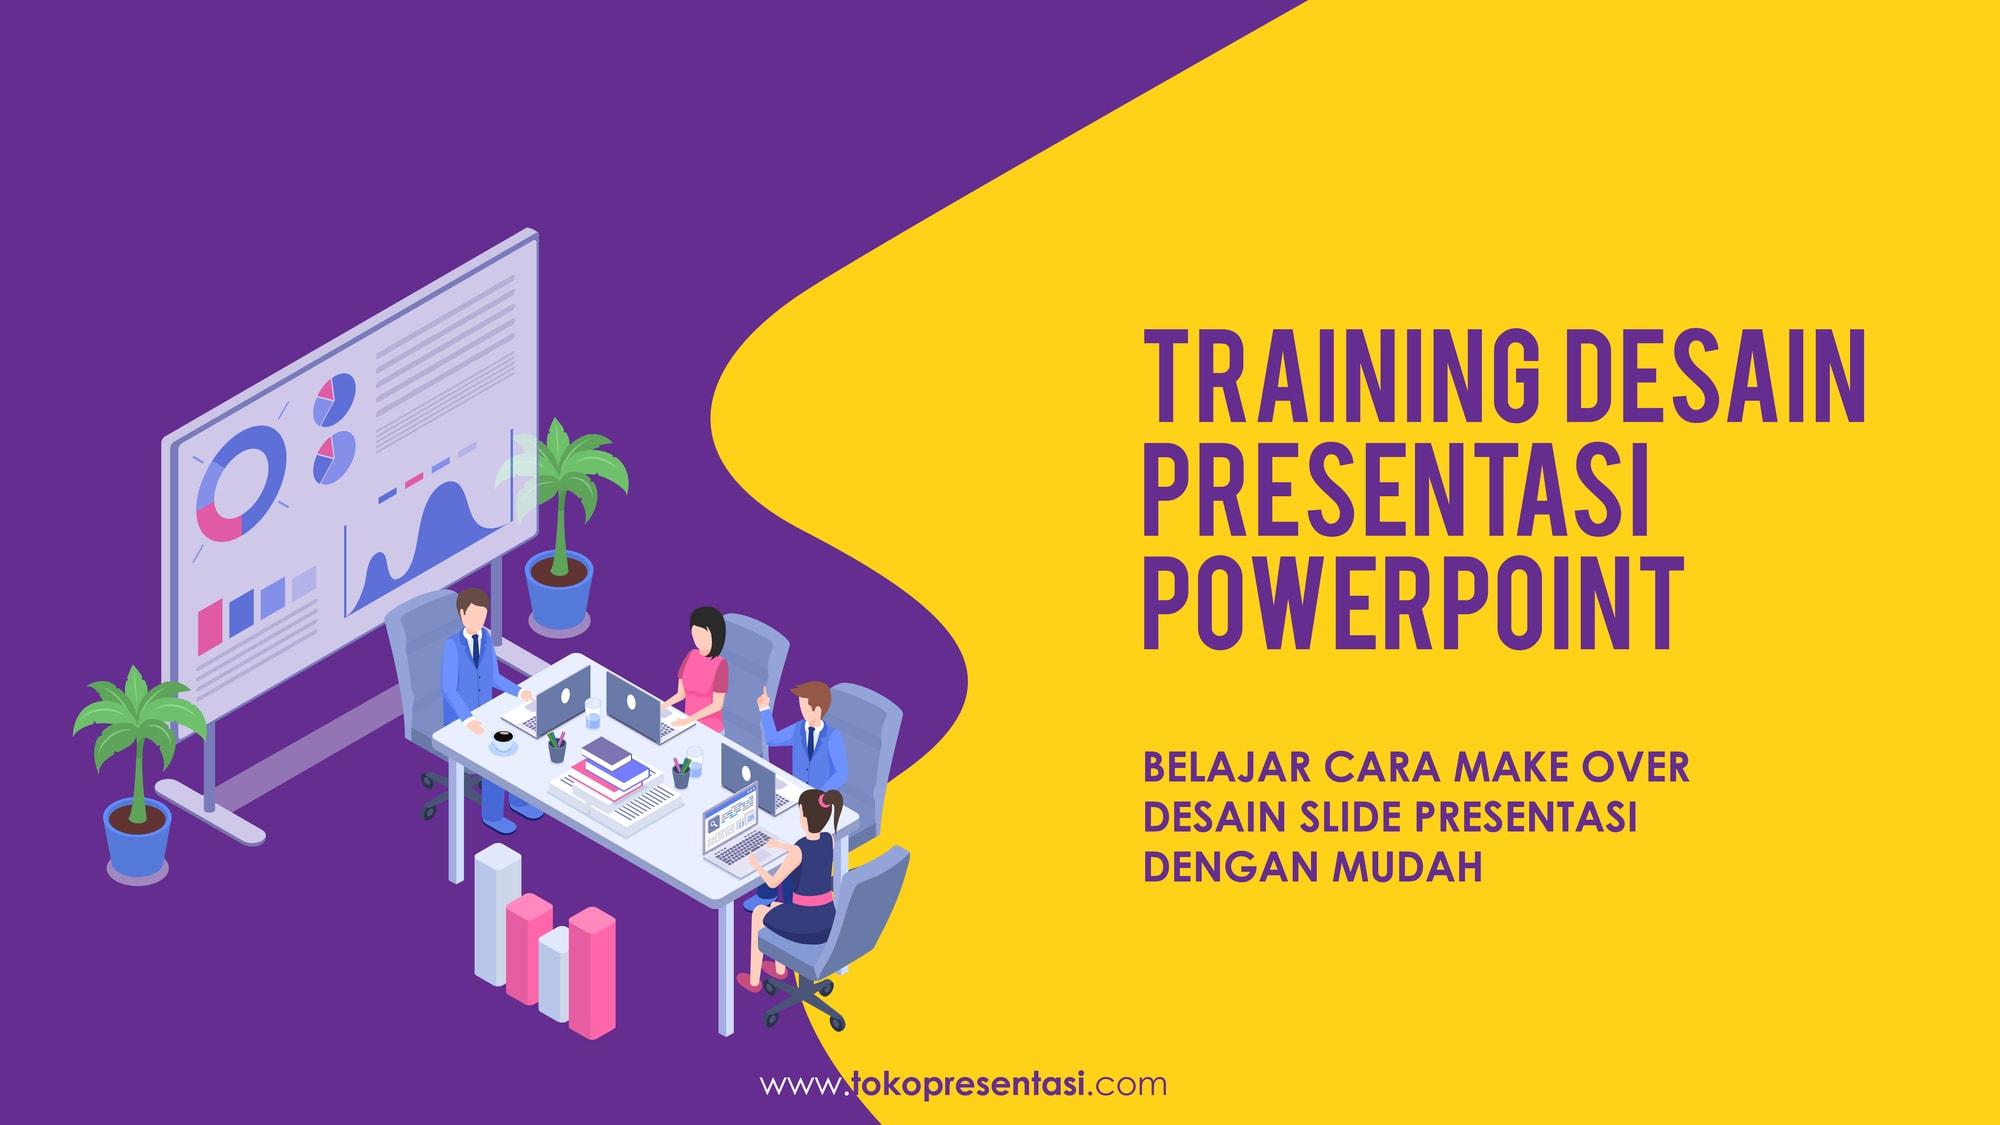 Pelatihan Desain Presentasi PowerPoint Komisi Pengawasan Persaingan Usaha Tokopresentasi